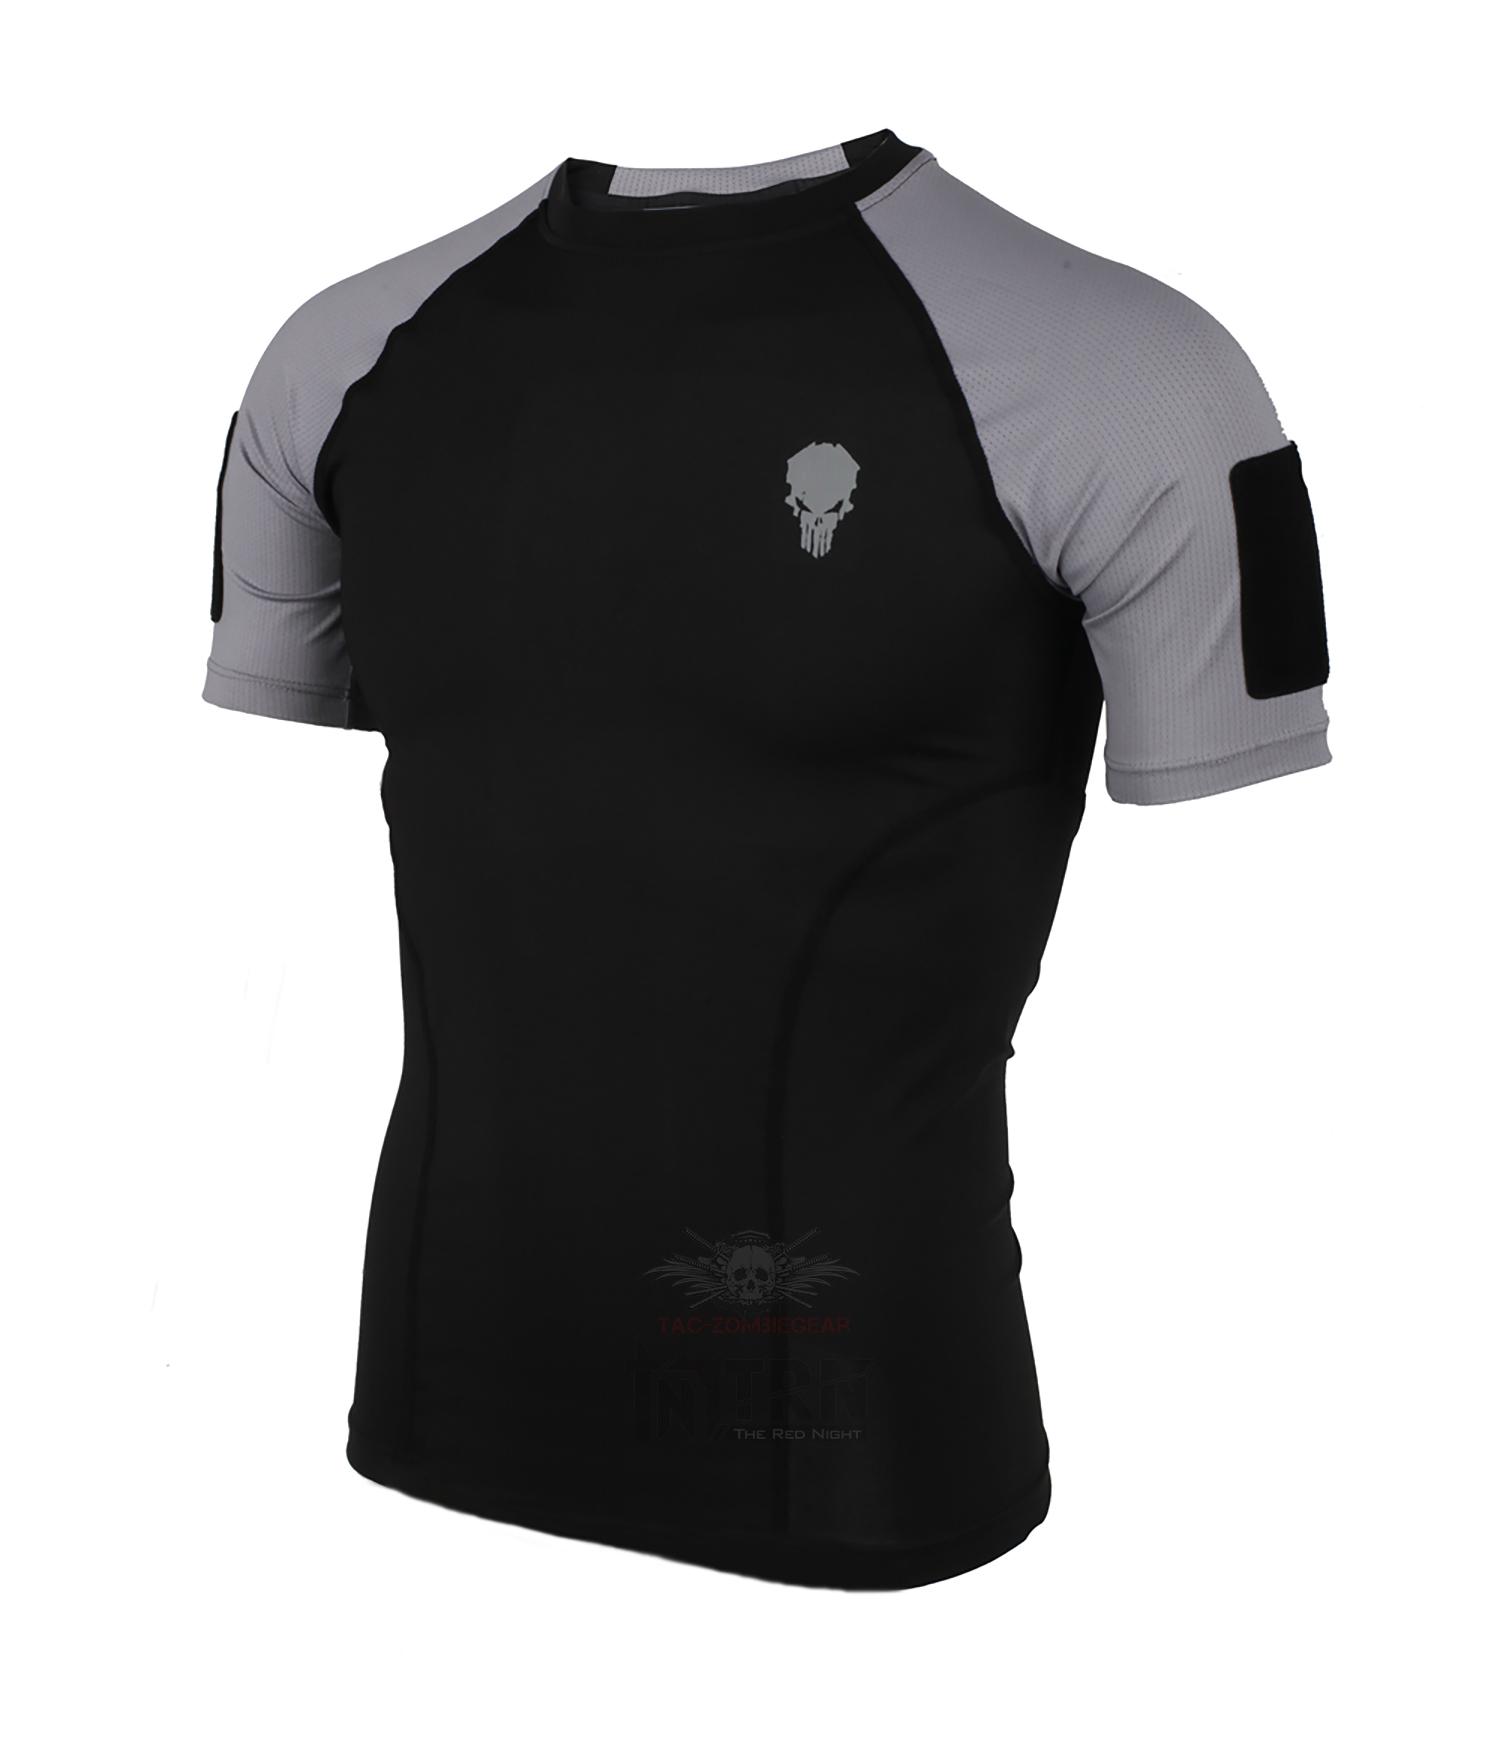 通気性能抜群 お得クーポン発行中 激安格安割引情報満載 トレーニングシャツ 男女兼用 コンバットトレーニングTシャツ